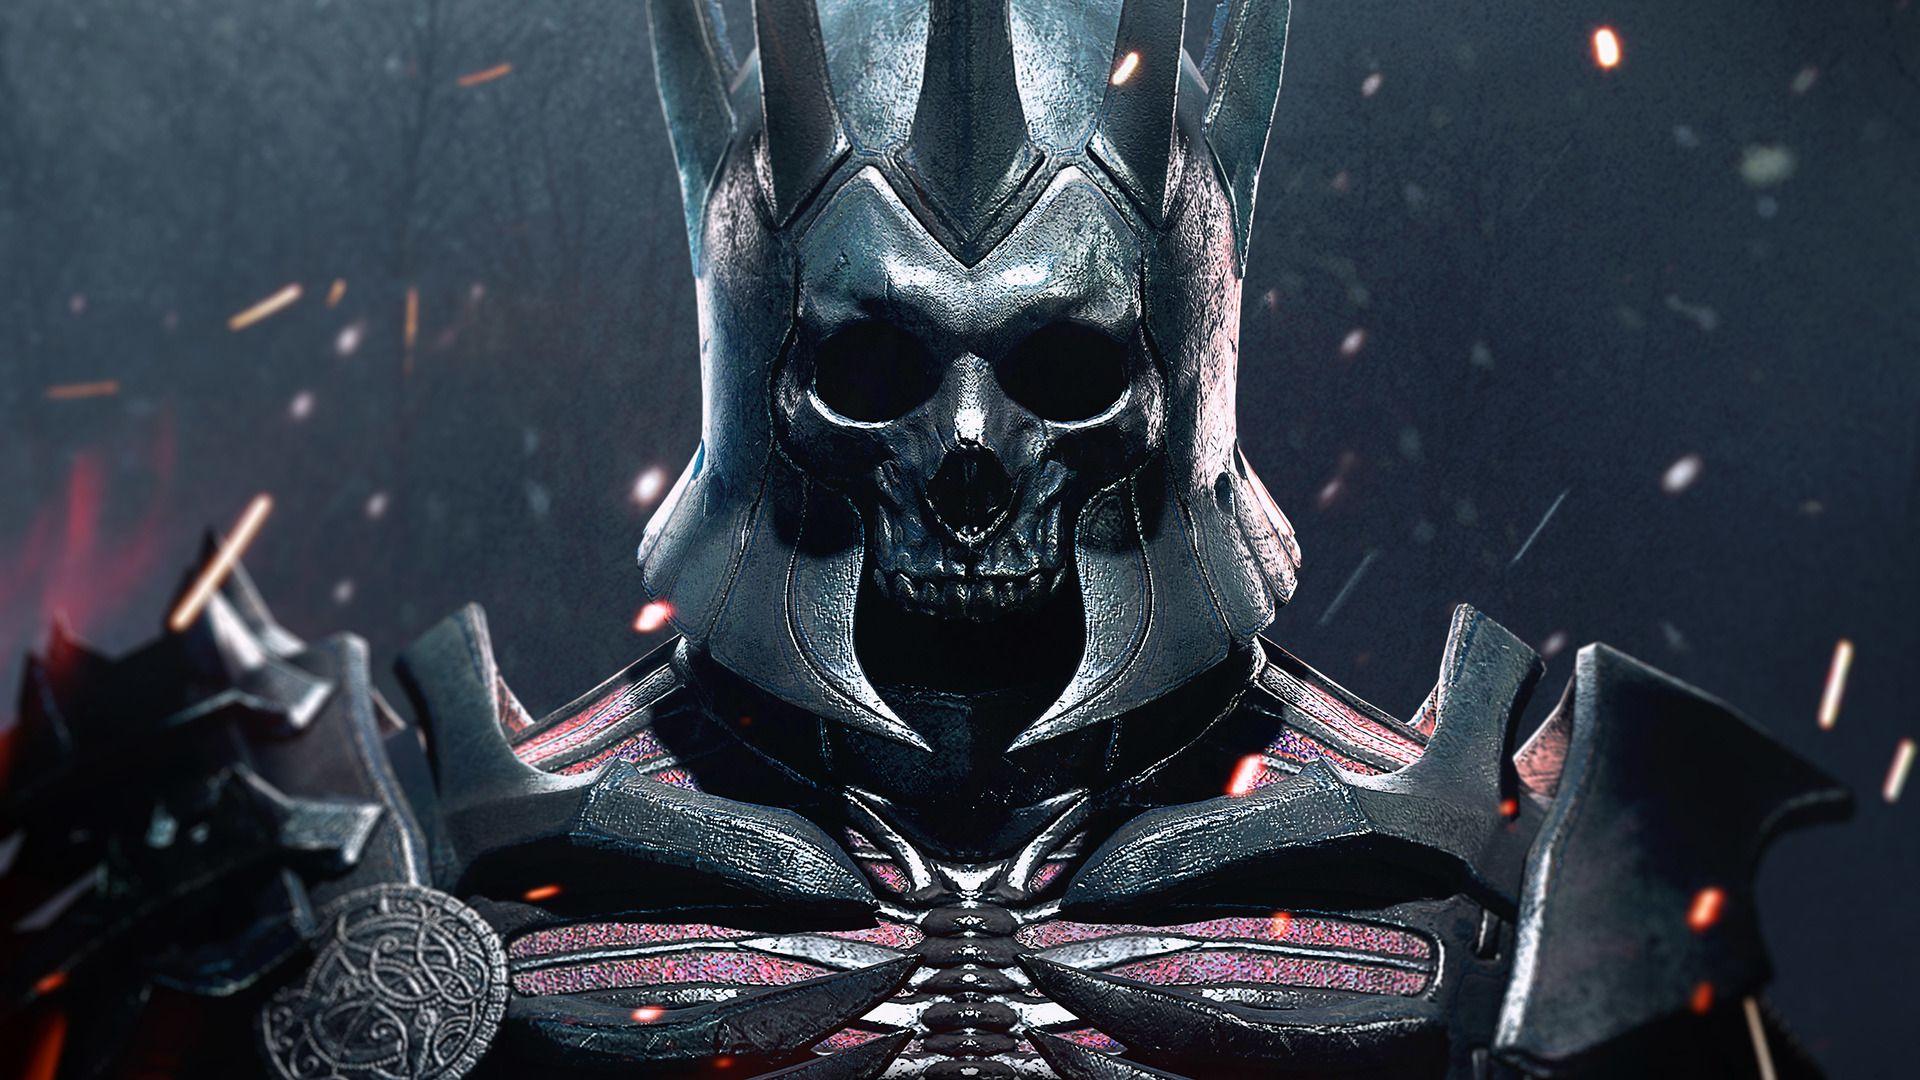 Após a confirmação de que a Caçada Selvagem estará na segunda temporada de The Witcher na Netflix, foi confirmado um ator da série Peaky Blinders como Eredin, líder da Caçada Selvagem.